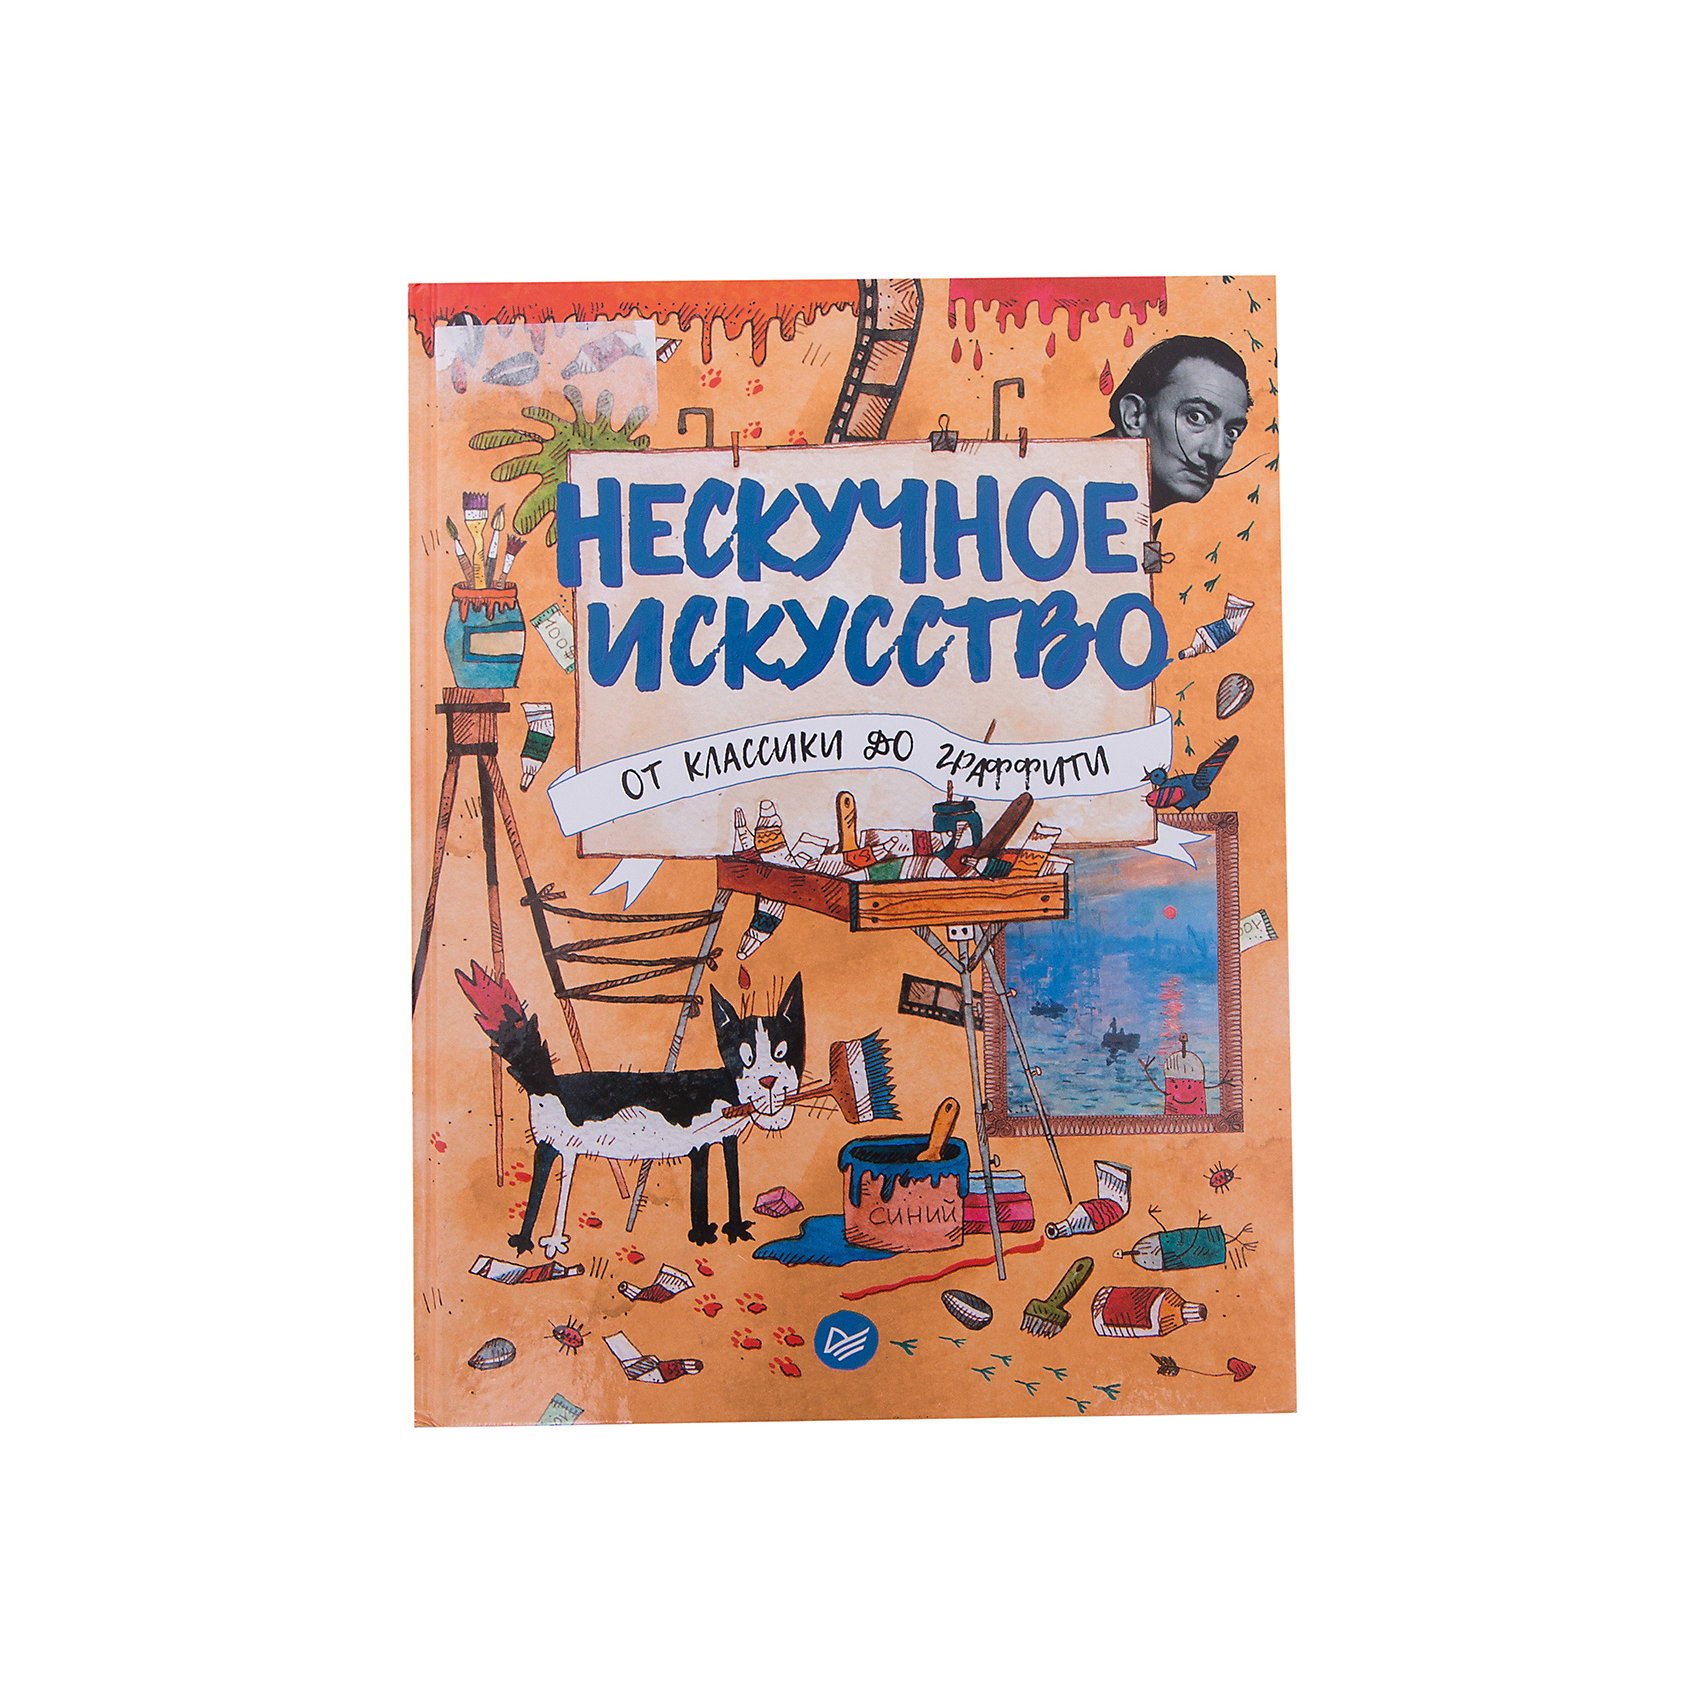 Нескучное искусство: От классики до граффитиДетские энциклопедии<br>Характеристики книги Нескучное искусство. От классики до граффити  <br><br>• автор: Т. Фишер<br>• формат издания: 20.5х26 см (большой формат)<br>• количество страниц: 64<br>• год выпуска: 2017<br>• издательство: Питер<br>• серия: Вы и Ваш ребенок<br>• иллюстратор: В. Рогожникова<br>• переплет: твердый переплет<br>• цветные иллюстрации : да<br>• язык издания: русский<br>• возраст: от 6 лет <br>• тип издания: отдельное издание<br>• вес в упаковке: 340 г<br><br>Искусство скучно, когда его не понимаешь. Но стоит начать задавать вопросы, и оказывается, что перед тобой целый мир, полный загадок, таинственных знаний и даже настоящих приключений! Эта книга расскажет тебе захватывающую историю о великих художниках и других людях искусства, их идеях, творениях и об их жизни, полной страстей, стремлений и достижений. Может быть, ты тоже откроешь в себе создателя будущих гениальных творений, ведь нет ничего более вдохновляющего, чем искусство. <br><br>Книгу Нескучное искусство. От классики до граффити издательства Питер  можно купить в нашем интернет-магазине.<br><br>Ширина мм: 260<br>Глубина мм: 201<br>Высота мм: 80<br>Вес г: 336<br>Возраст от месяцев: 72<br>Возраст до месяцев: 2147483647<br>Пол: Унисекс<br>Возраст: Детский<br>SKU: 5480514